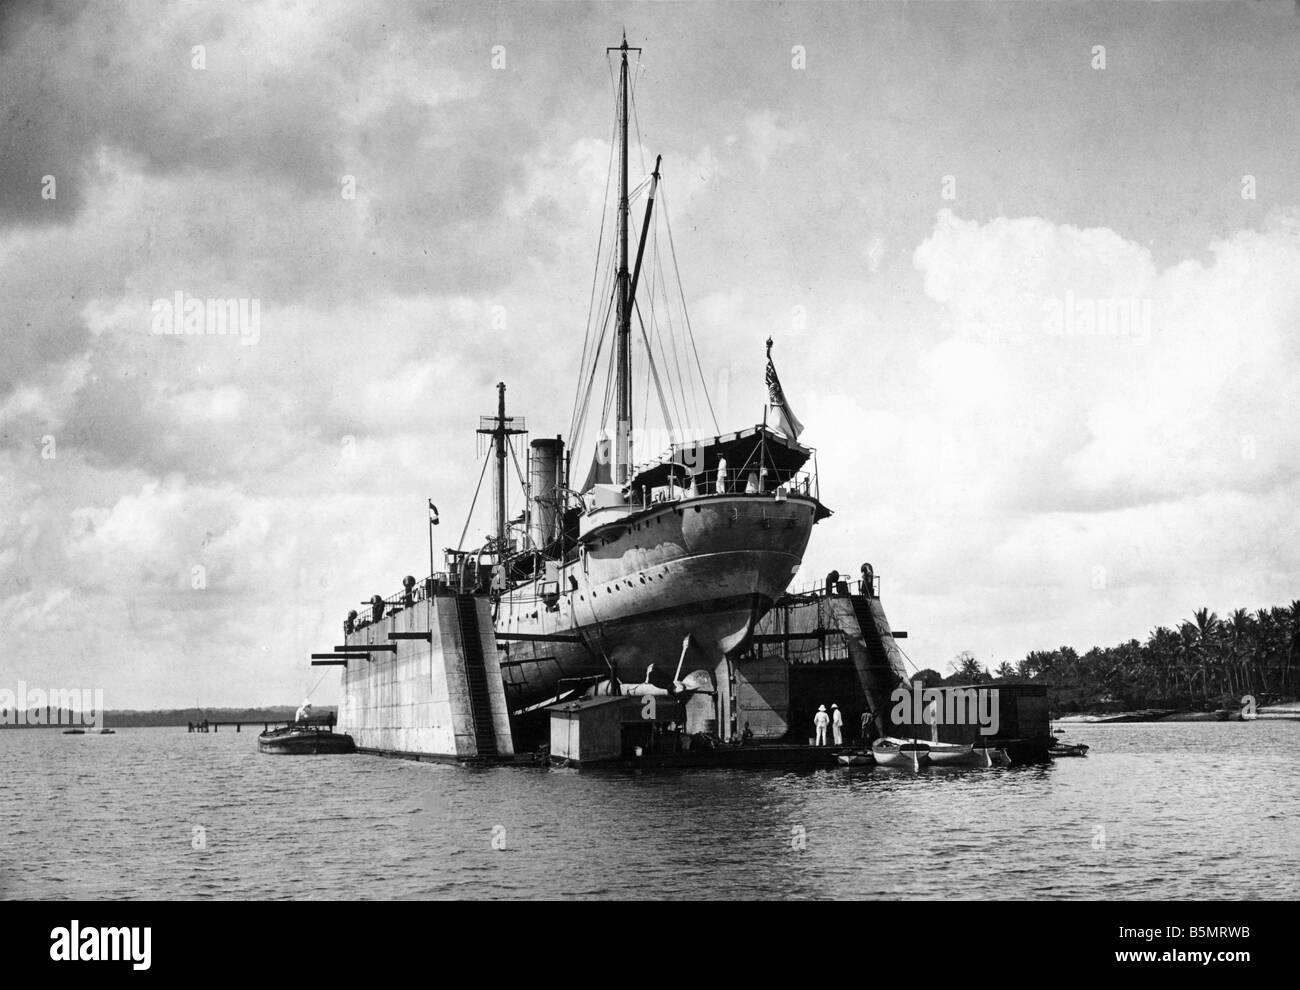 9AF 1914 A6 3 0 0 bateau à vapeur du lac Tanganika Goetzen 1914 Première Guerre mondiale La guerre dans les colonies de l'Afrique orientale allemande aujourd'hui la Tanzanie Le cons Banque D'Images